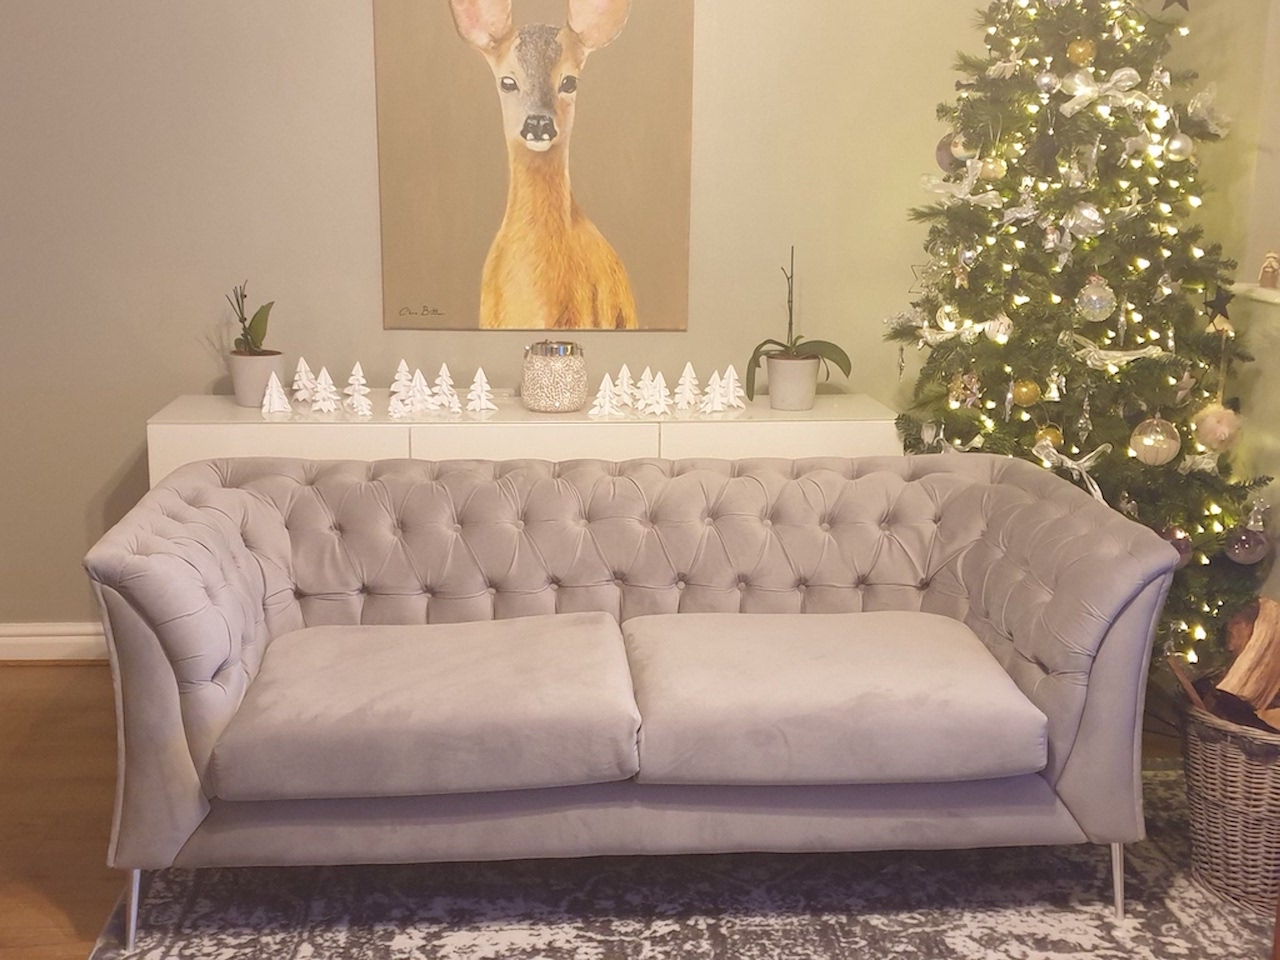 Szara sofa Chesterfield Modern na srebrnych nogach, aranżacja świąteczna